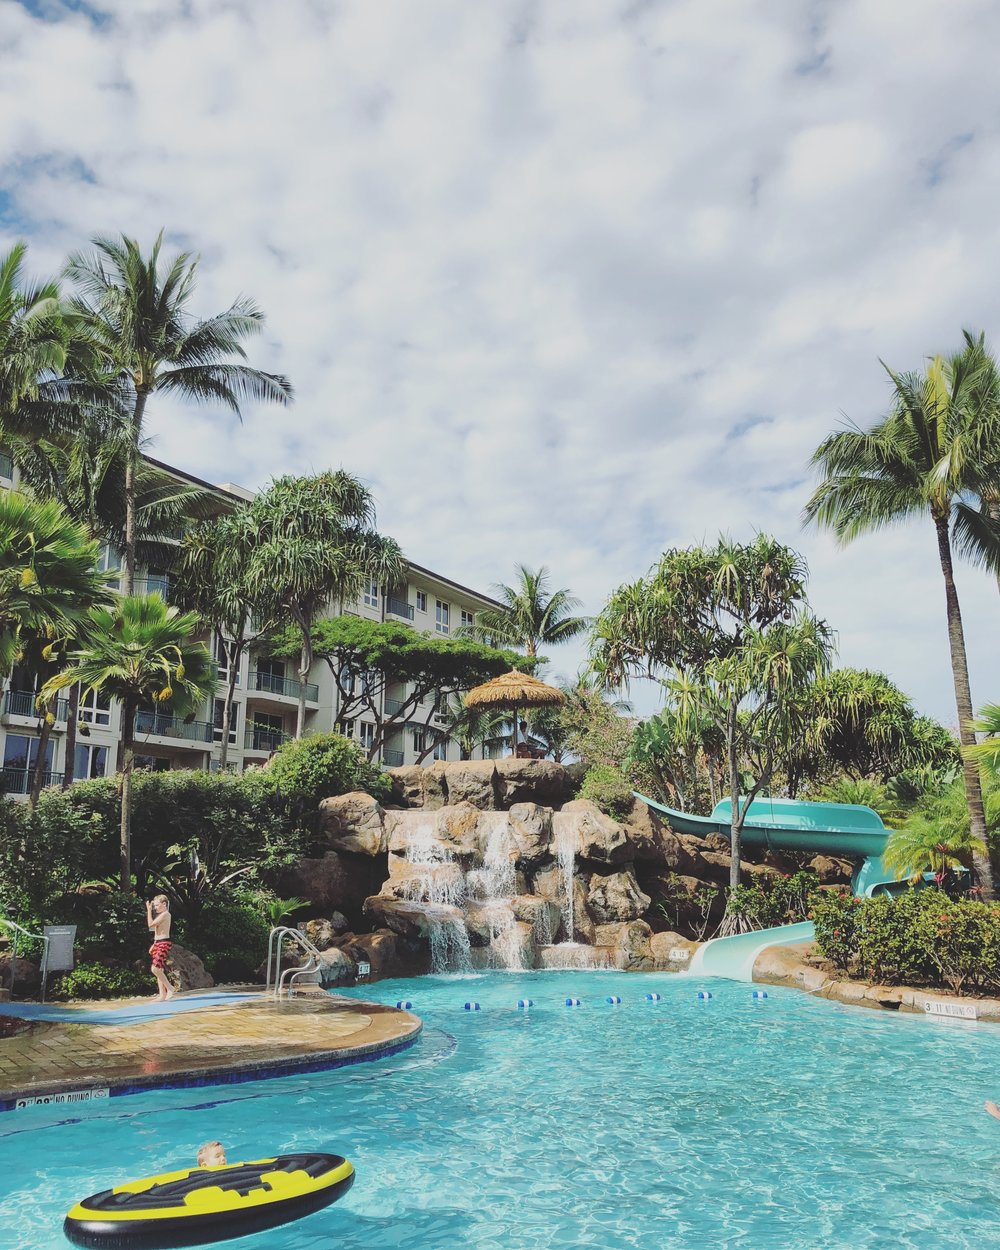 The resort's super fun, underused waterslide